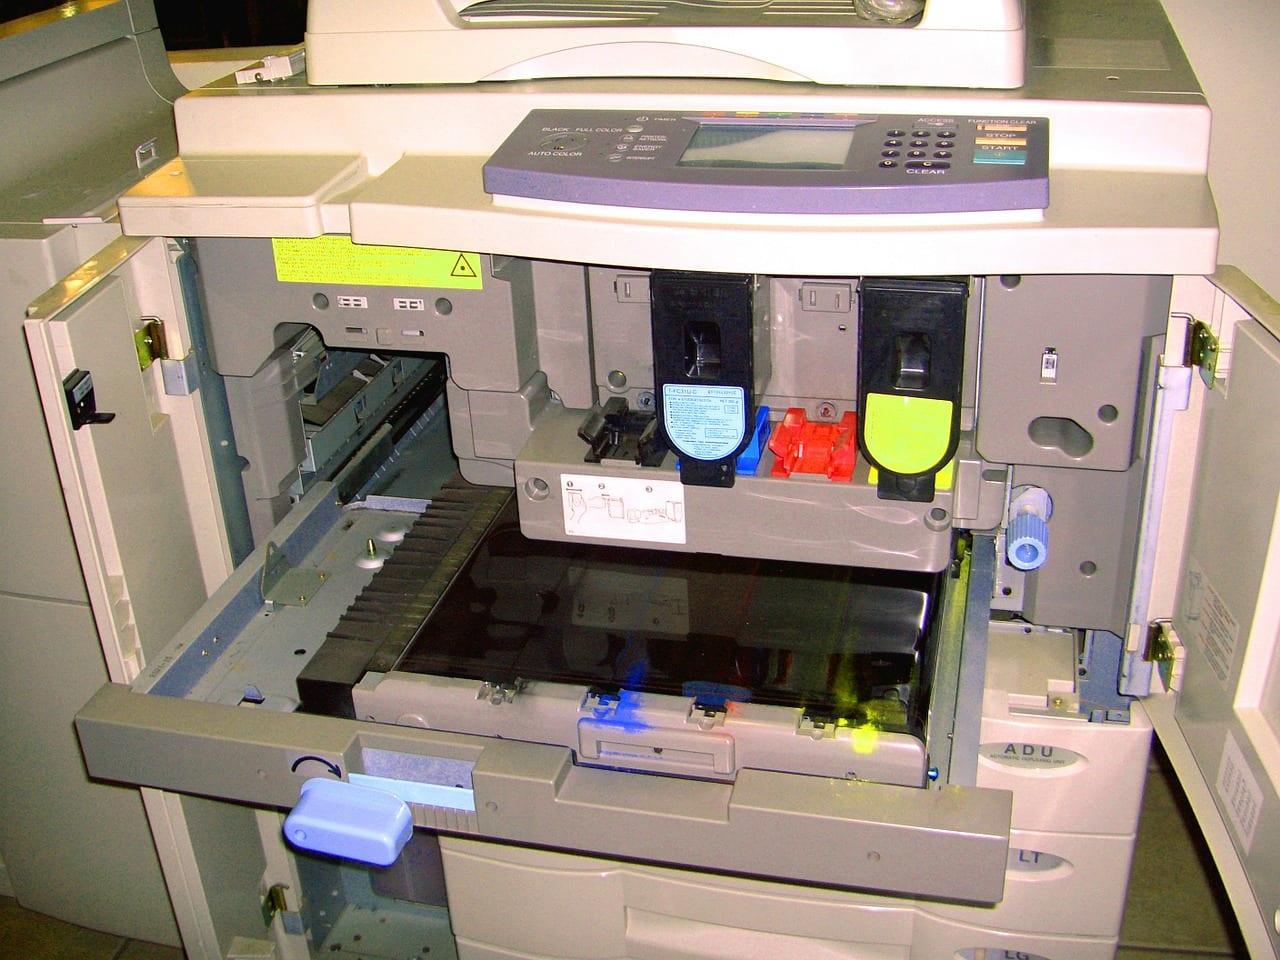 Cara Mengatasi Tombol Mesin Fotocopy Tidak Berfungsi   Pusat Fotokopi